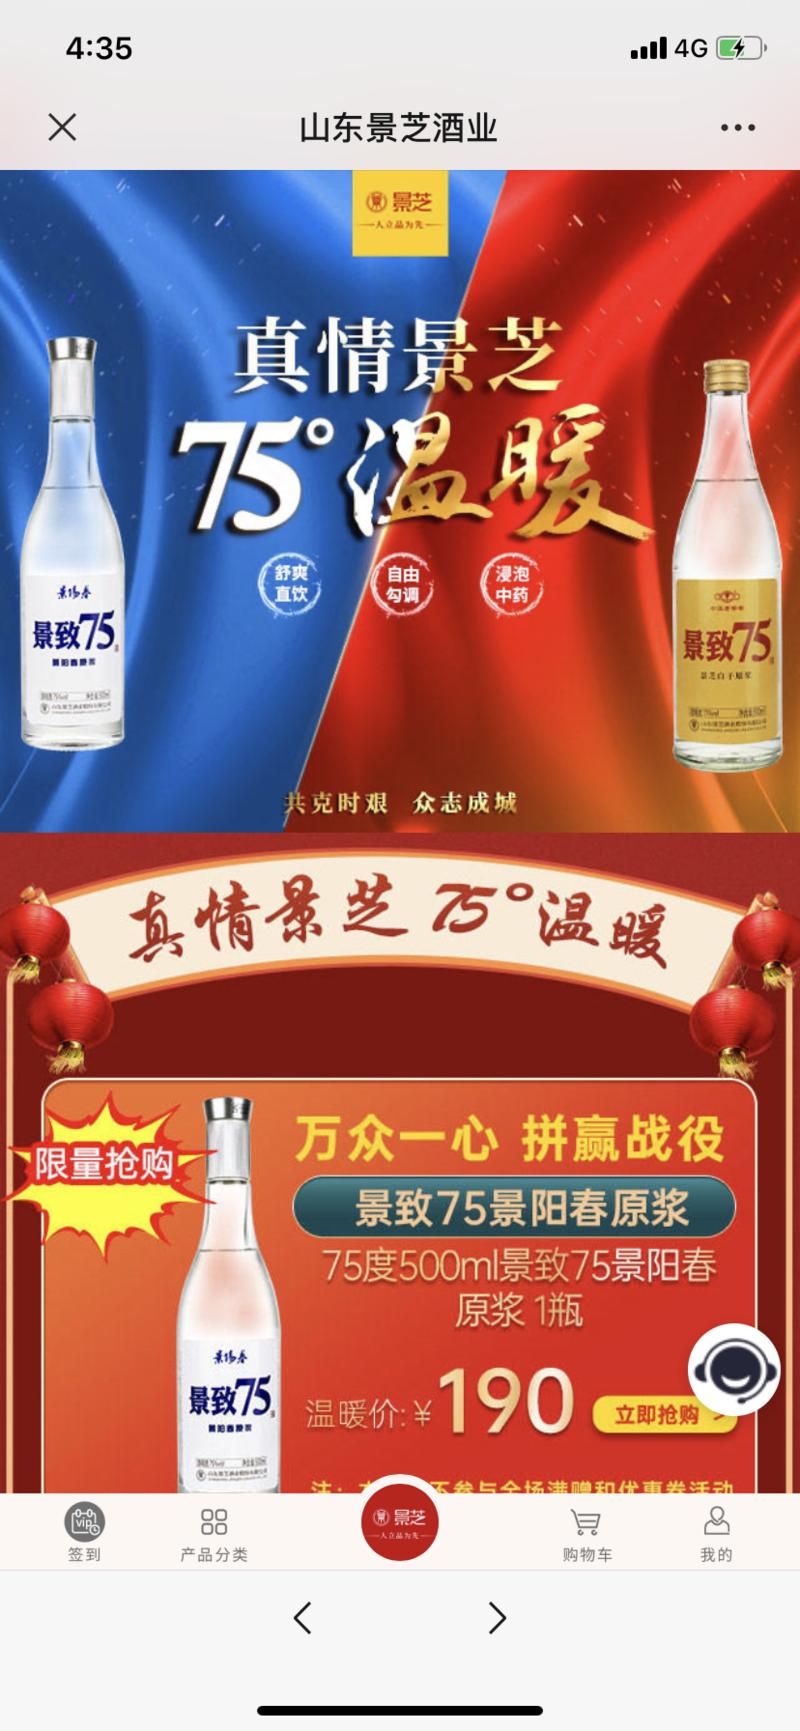 """景芝酒业首发新品""""景致75度"""",炒作还是真公益?"""